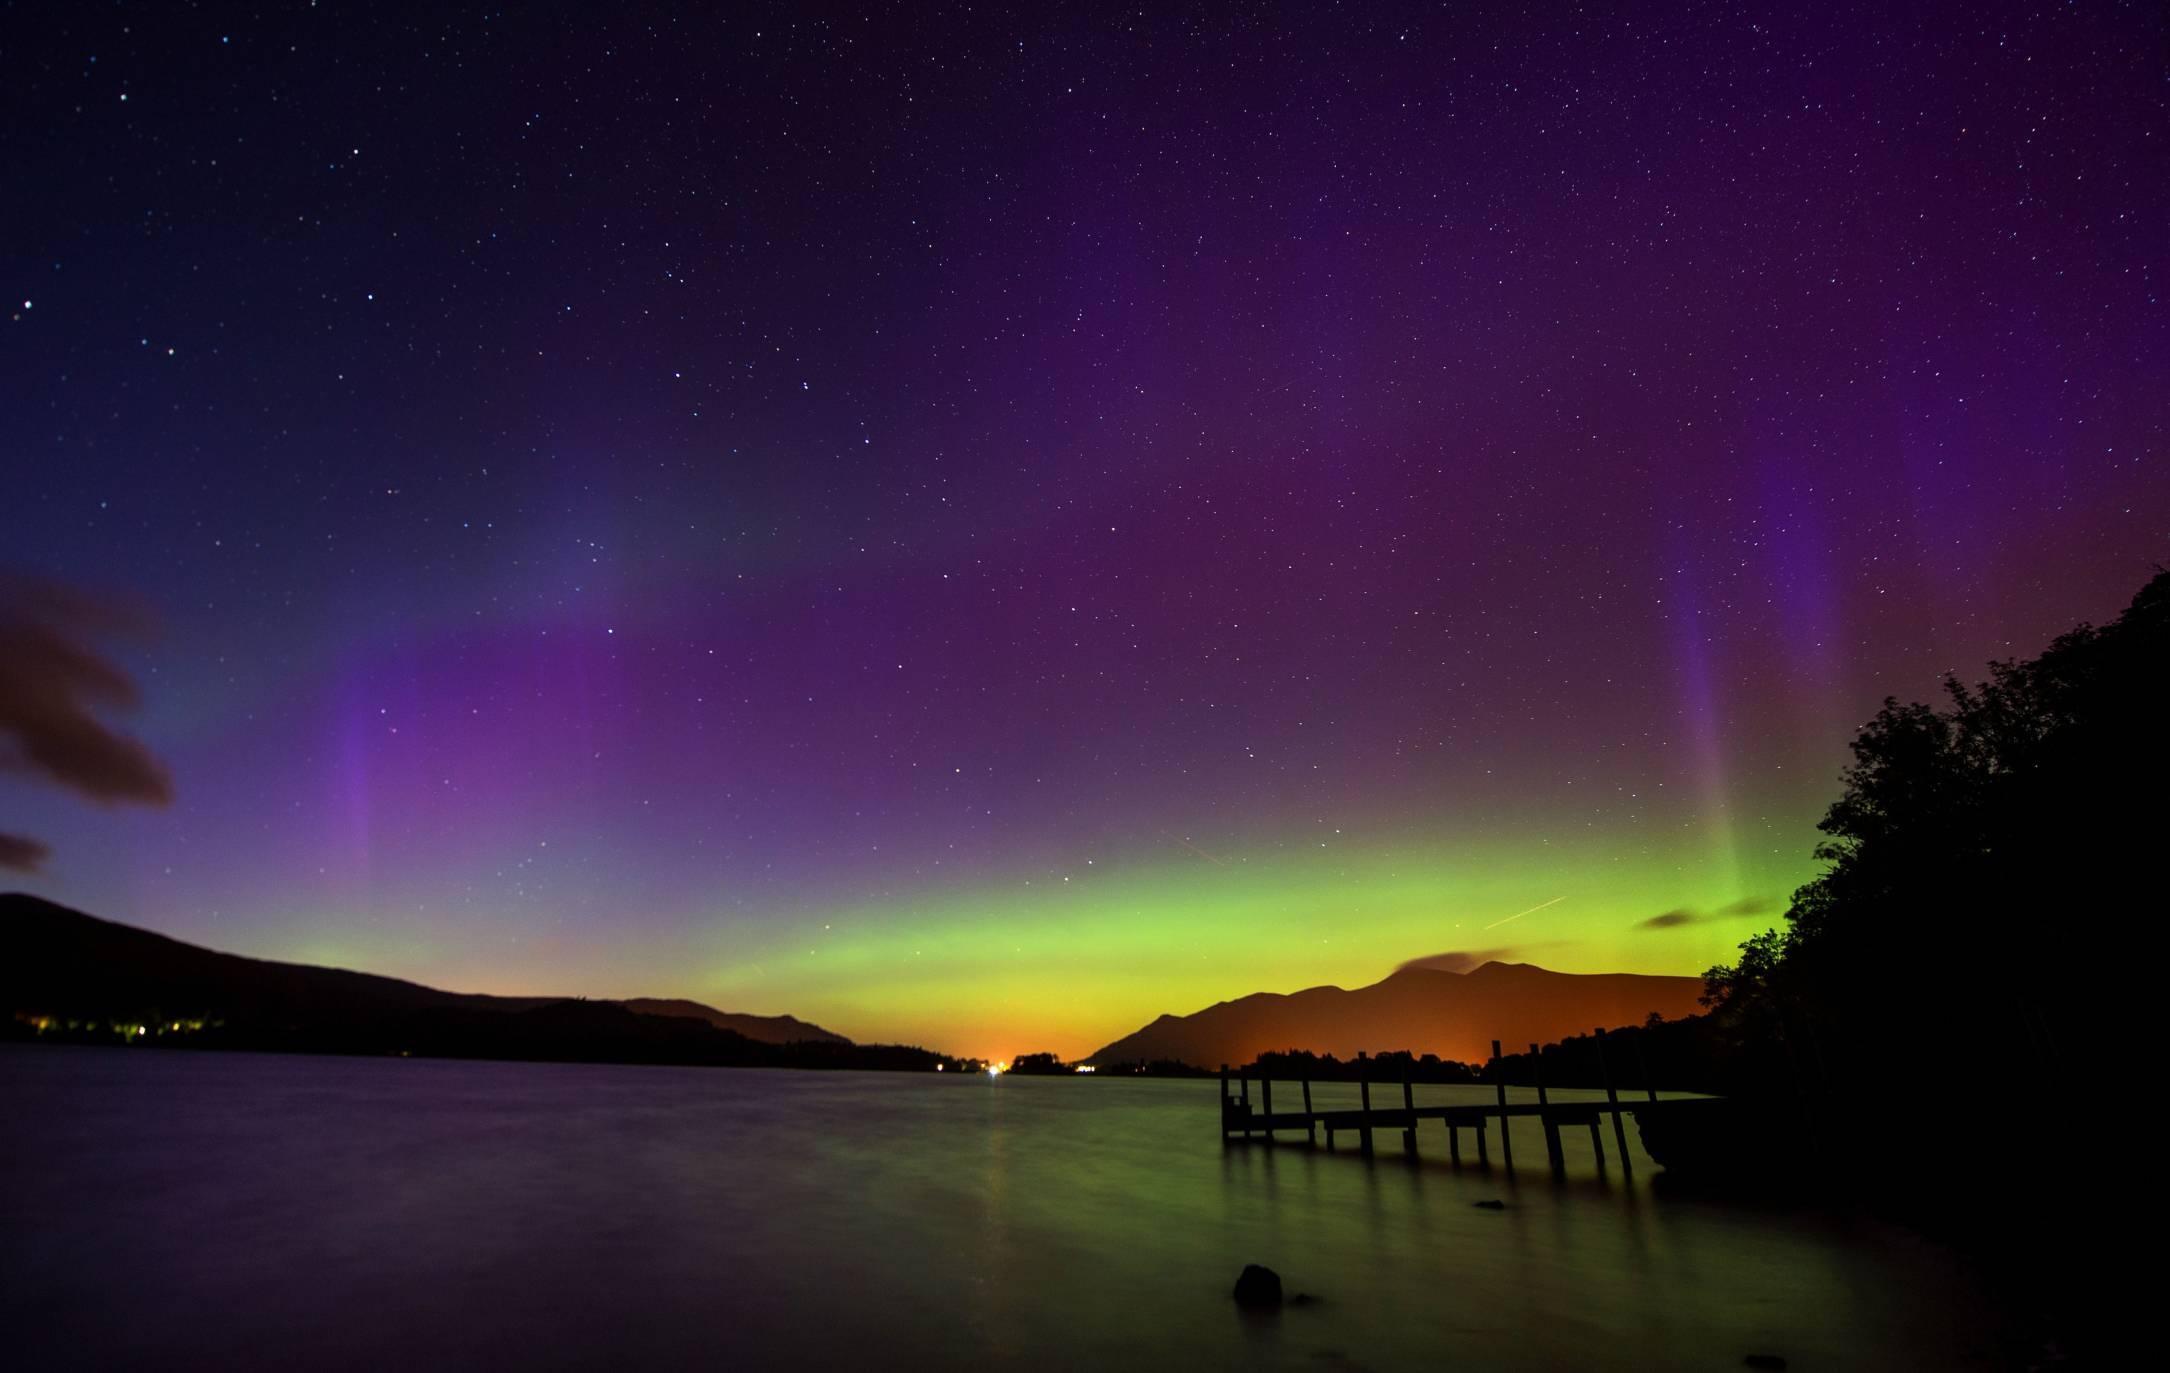 The Northern Lights, or Aurora Borealis, shine over Derwentwater.